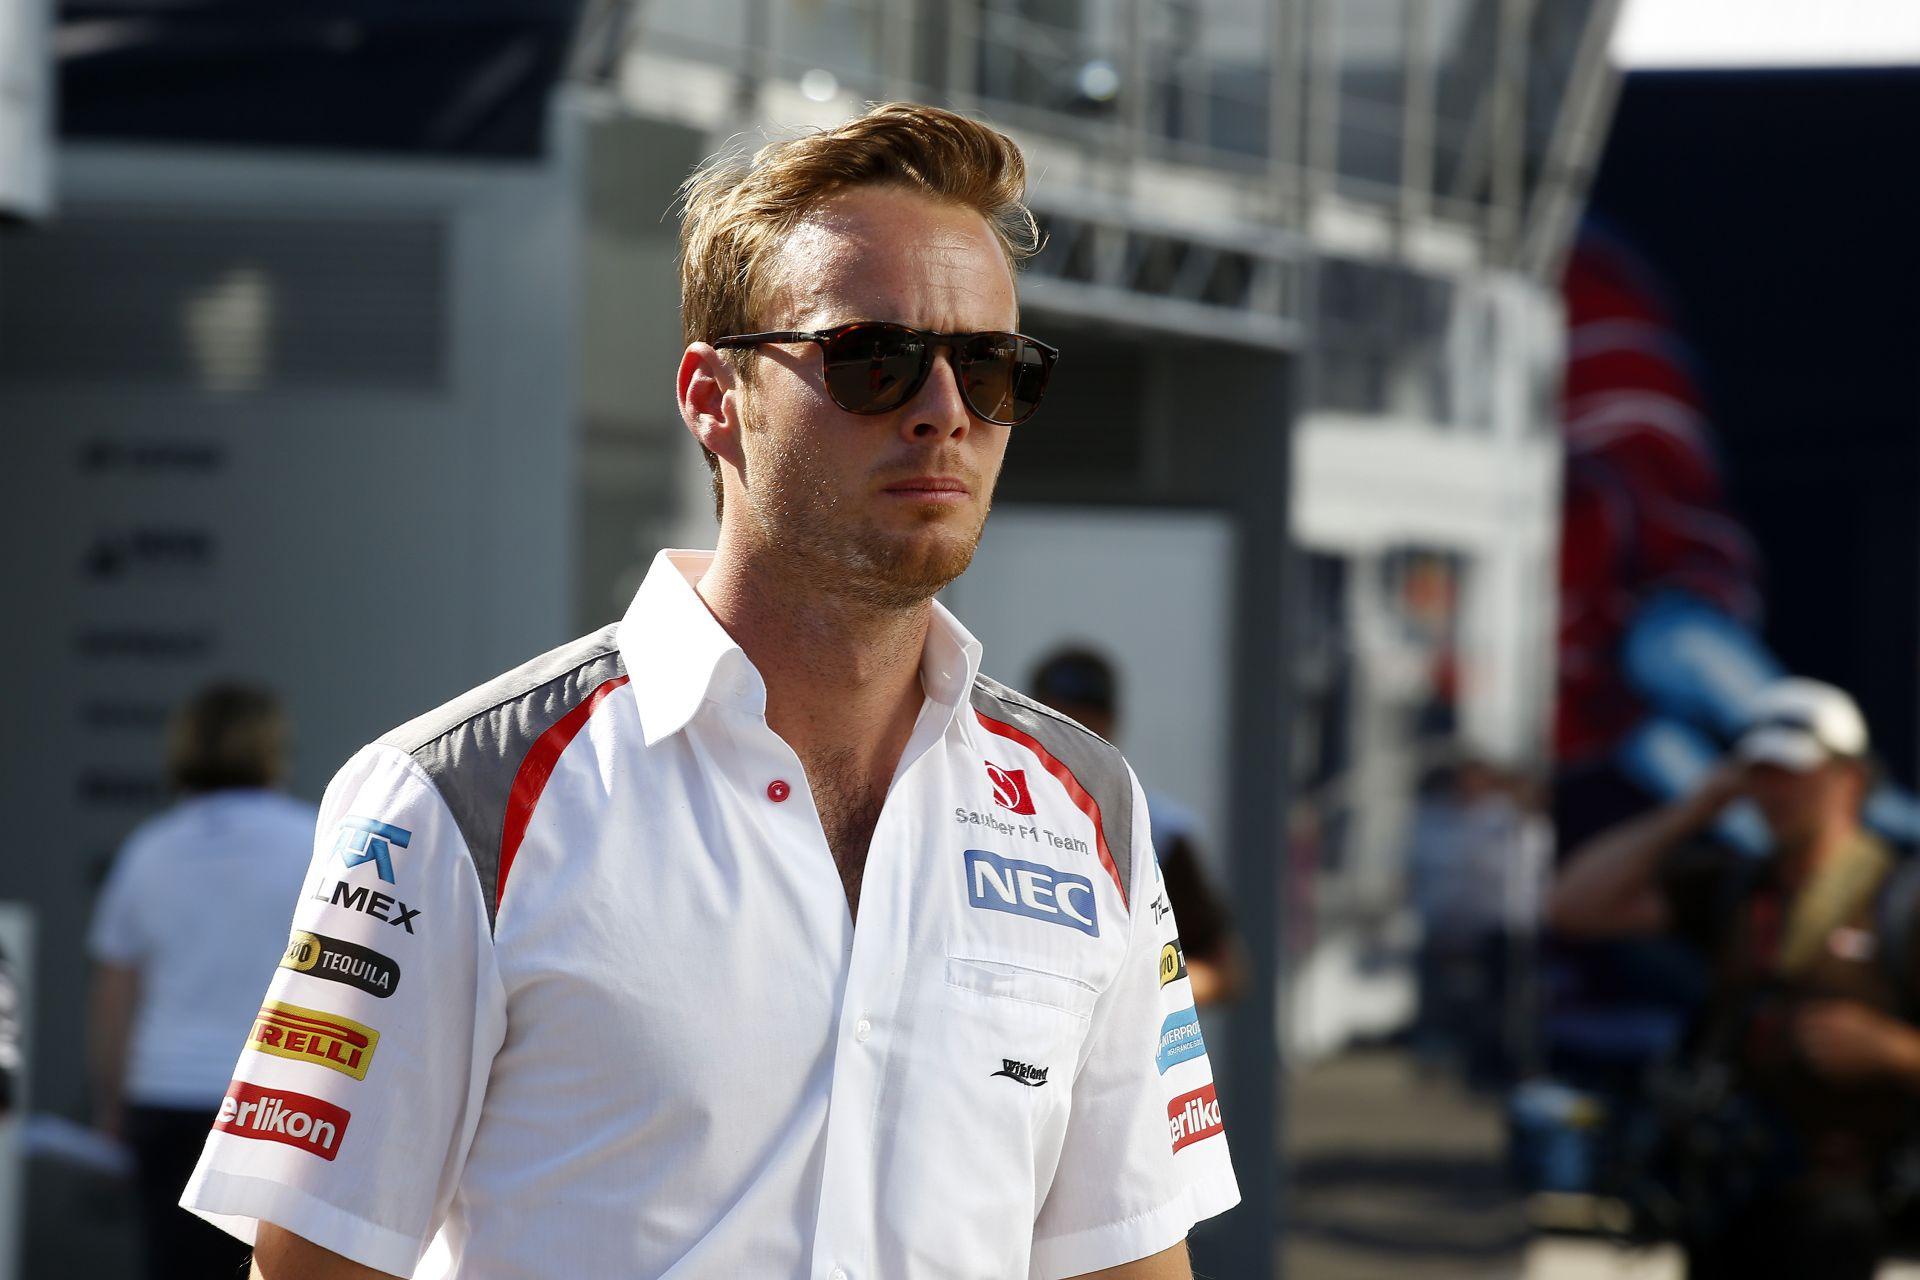 Az ausztrál Sauber botrány: Hogy lehet ekkora sz*rt kavarni?